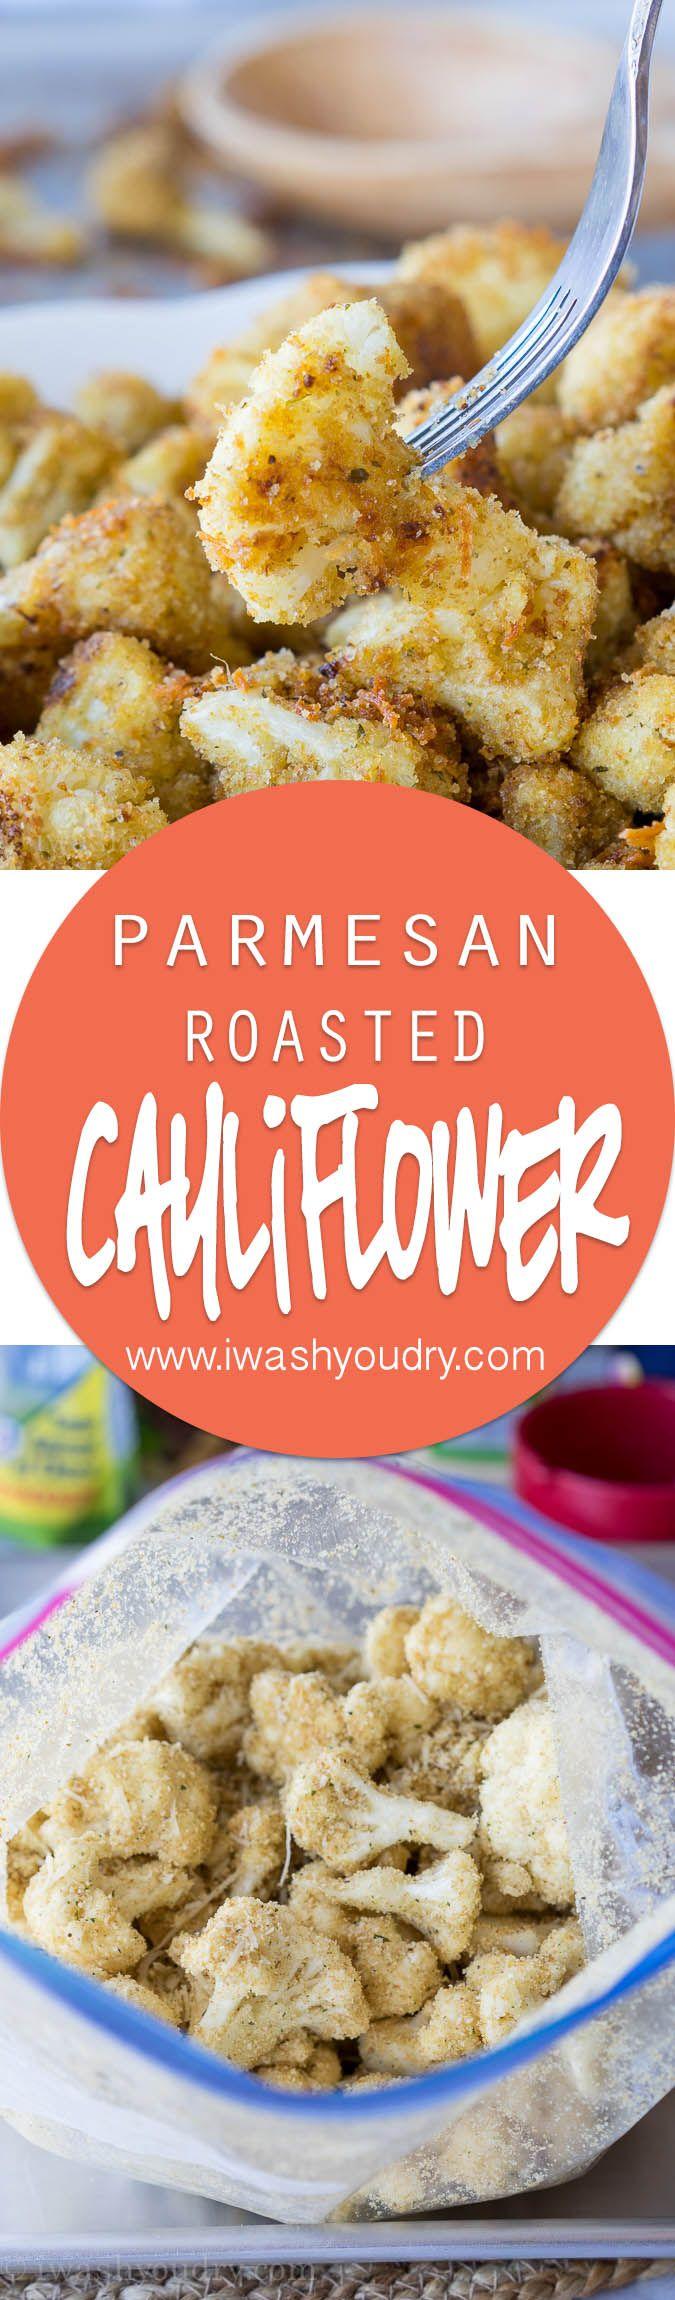 Parmesan Roasted Cauliflower Recipe Parmesan Roasted